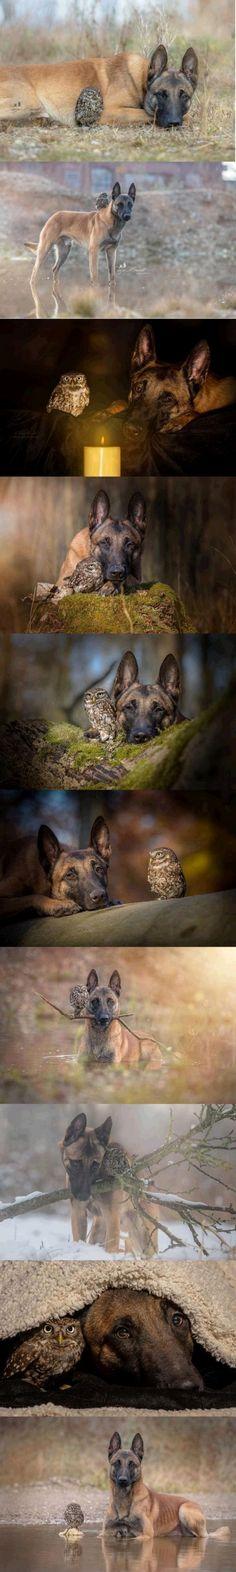 Two unlikely best friends